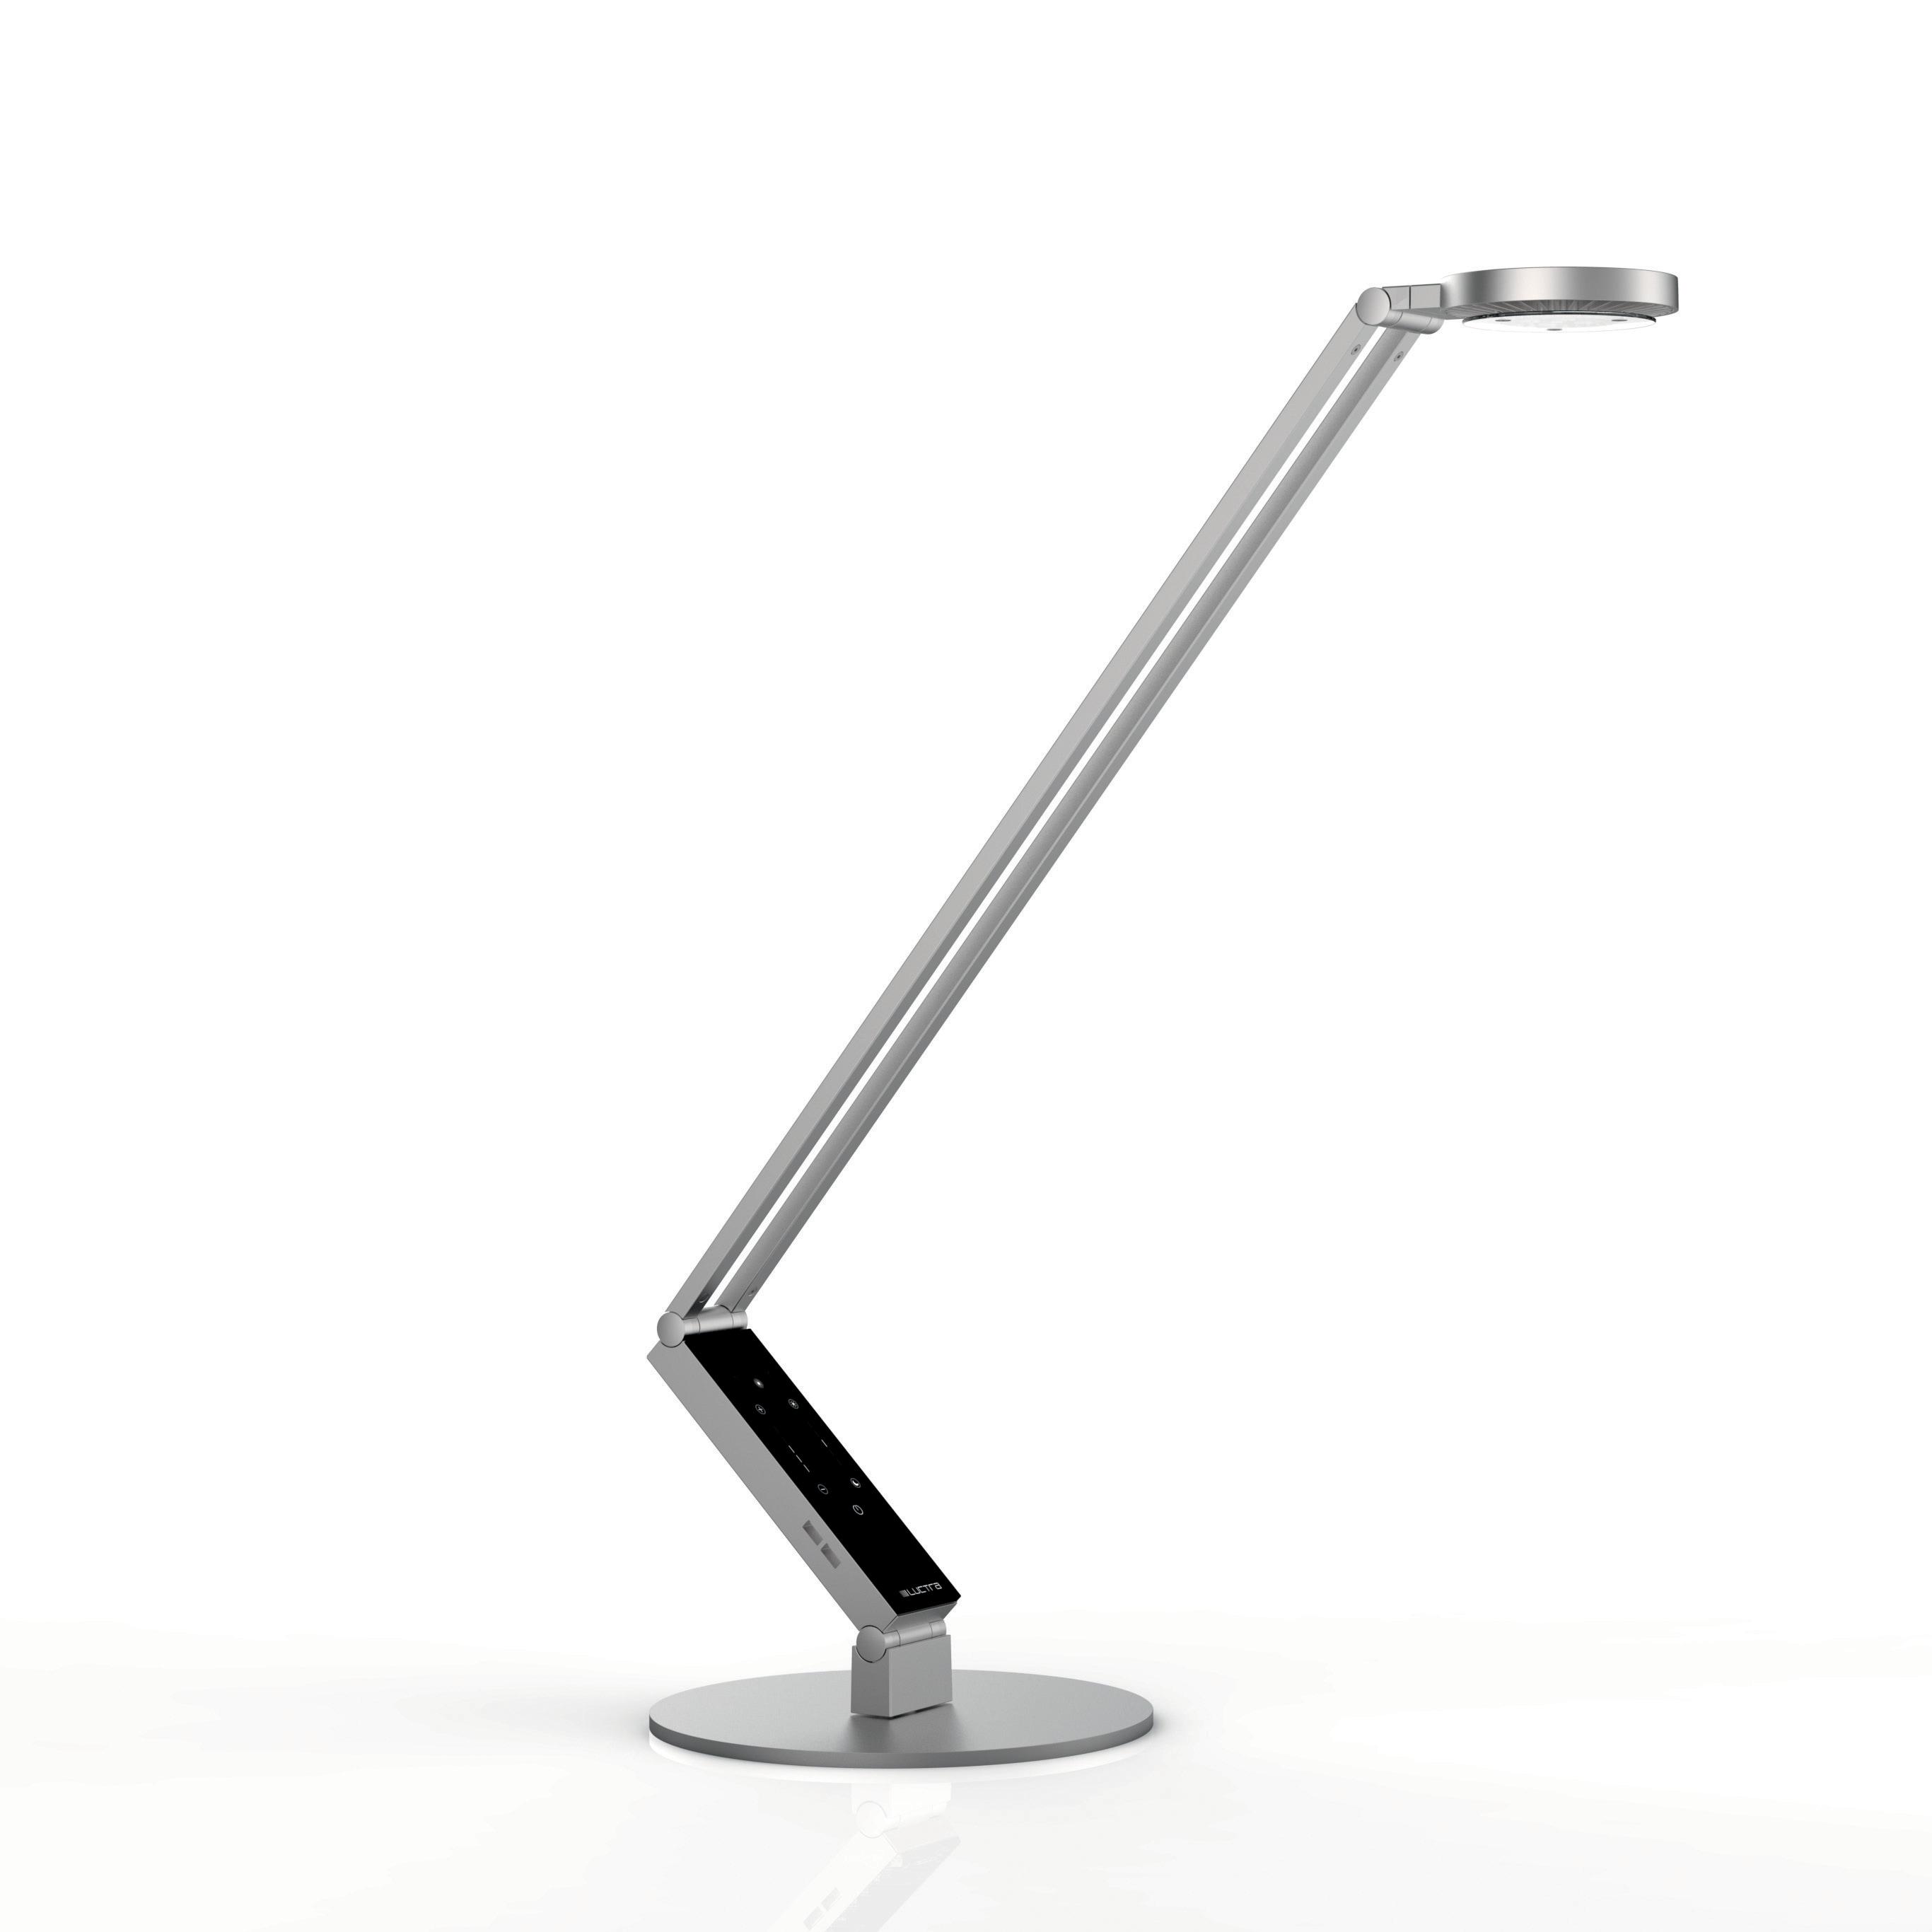 Radial bordslampa pro aluminium